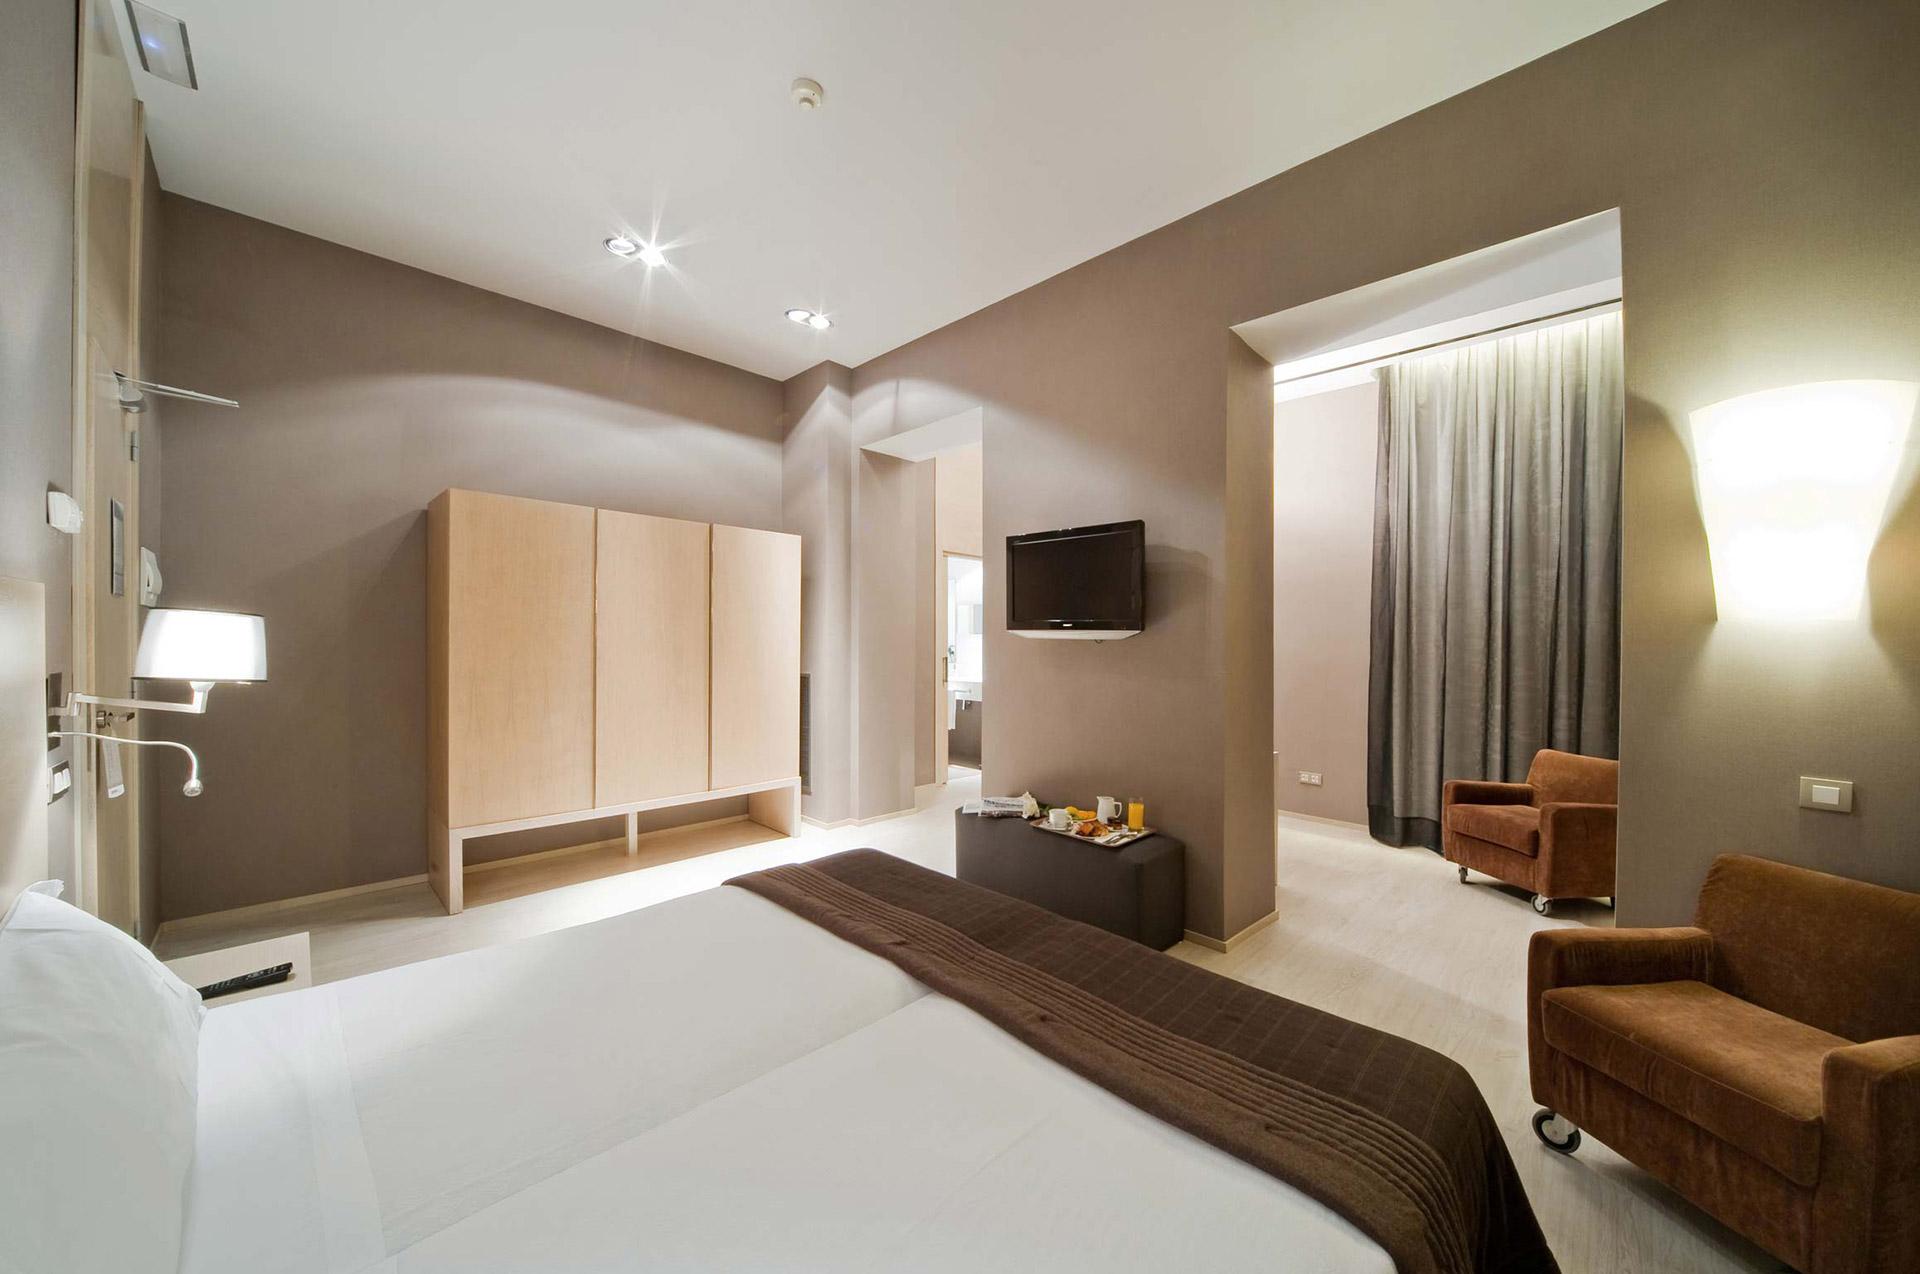 Habitaciones familiares en barcelona actual hotel boutique for Hotel boutique barcelona